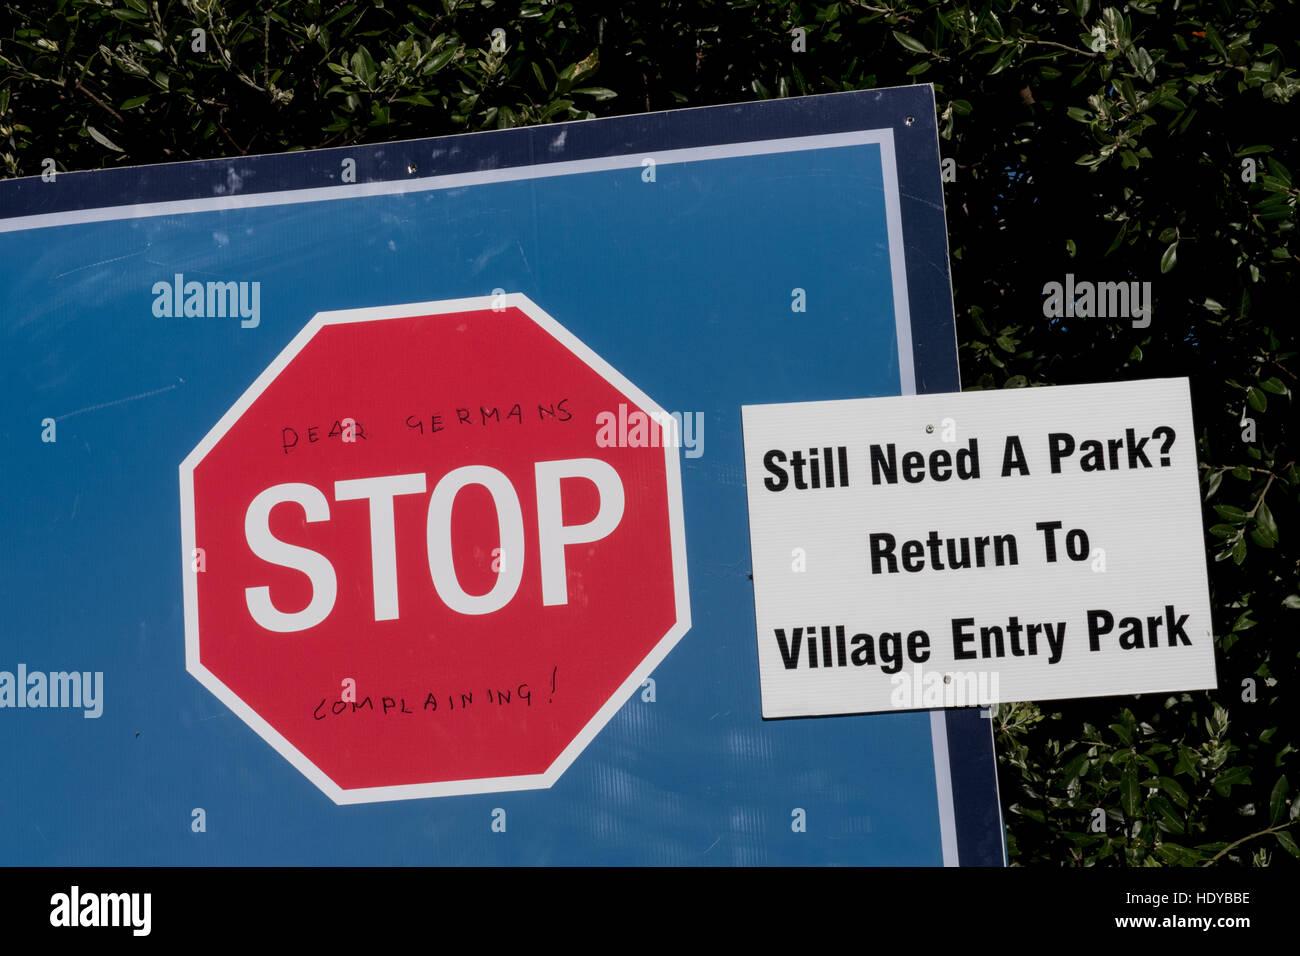 Stop-Schild mit zusätzlichen Graffiti beantragt, dass die deutschen aufhören zu jammern.  Dies wurde auf Stockbild